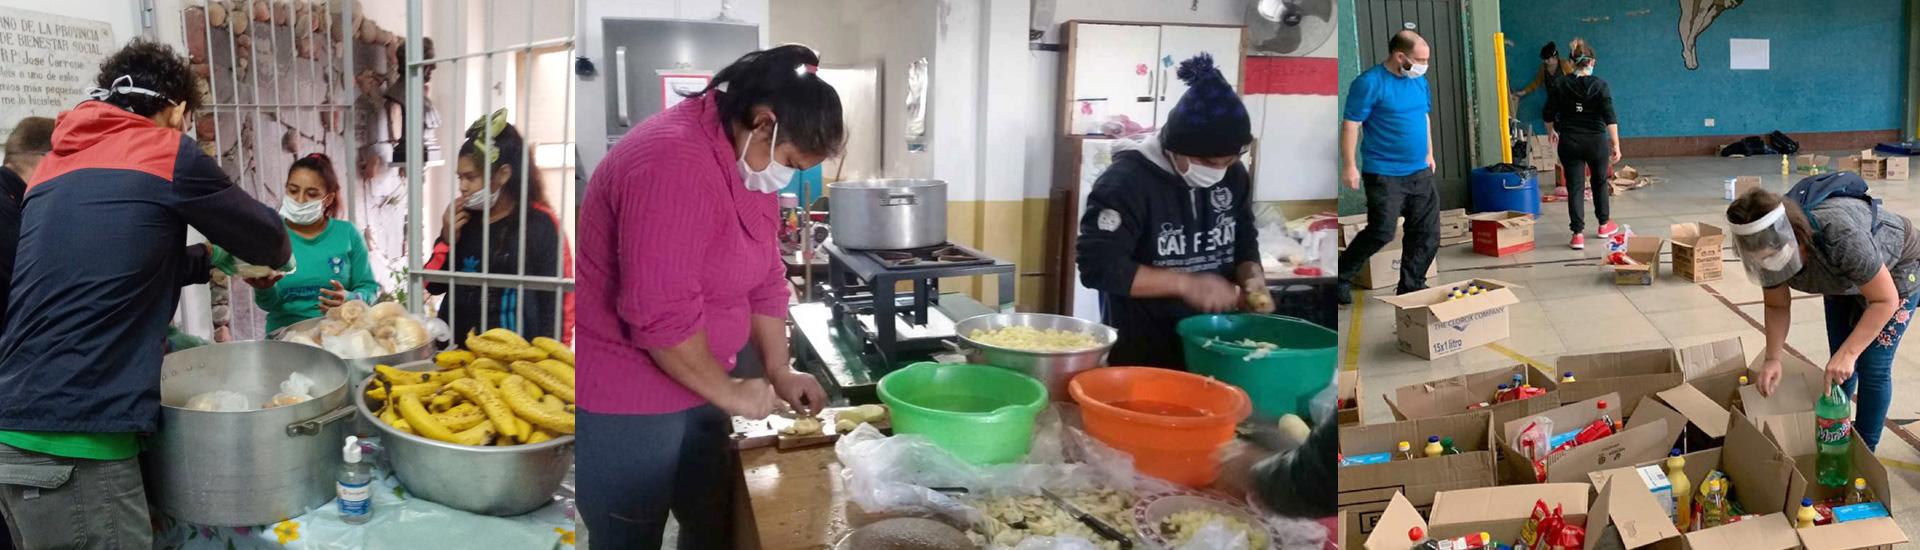 Largas filas para recoger comida en los comedores sociales salesianos de Argentina